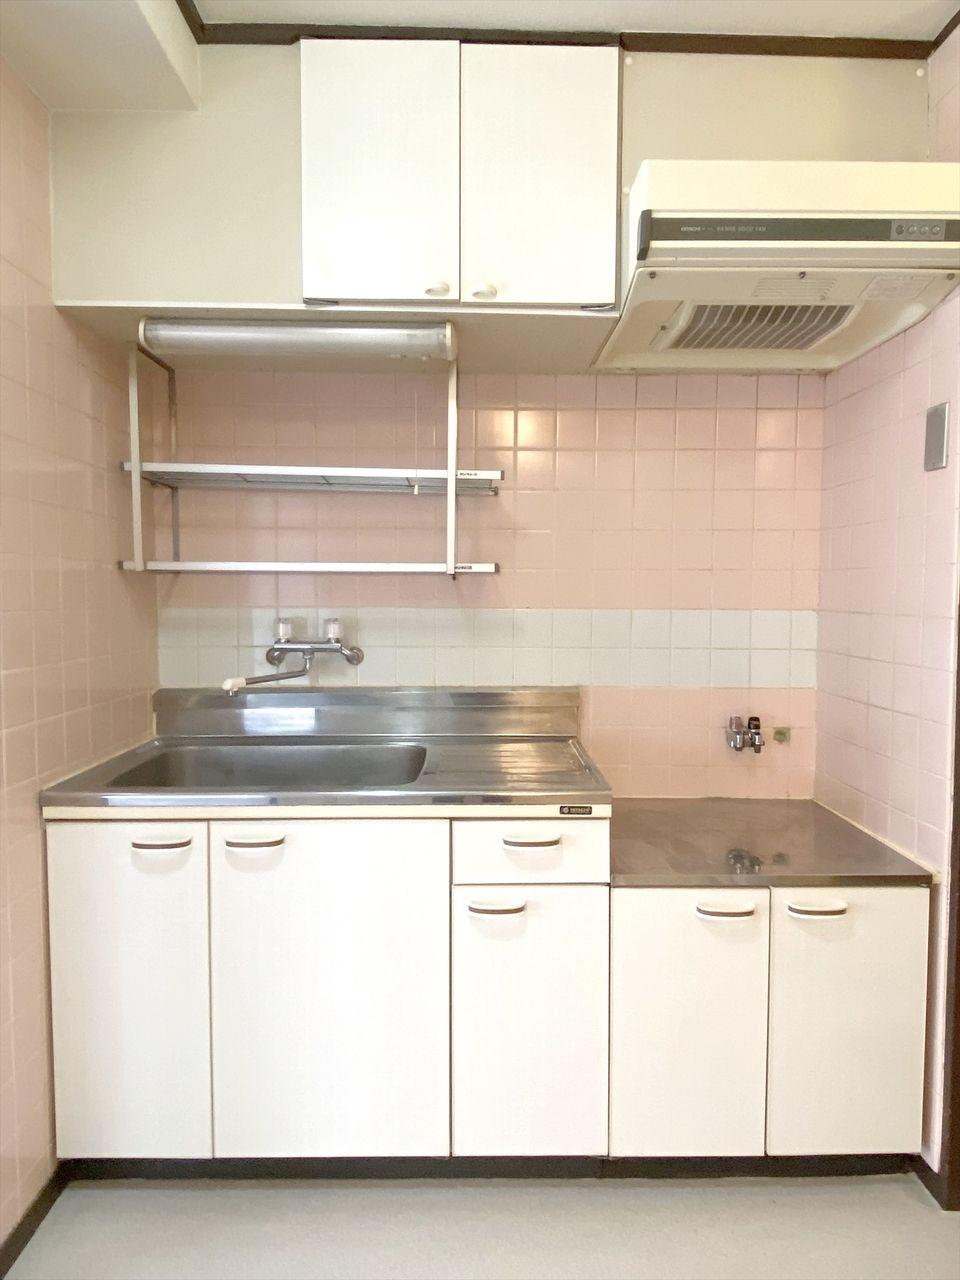 ベルパークのキッチン ガスコンロ2口設置可能 まな板を置くスペースもあります